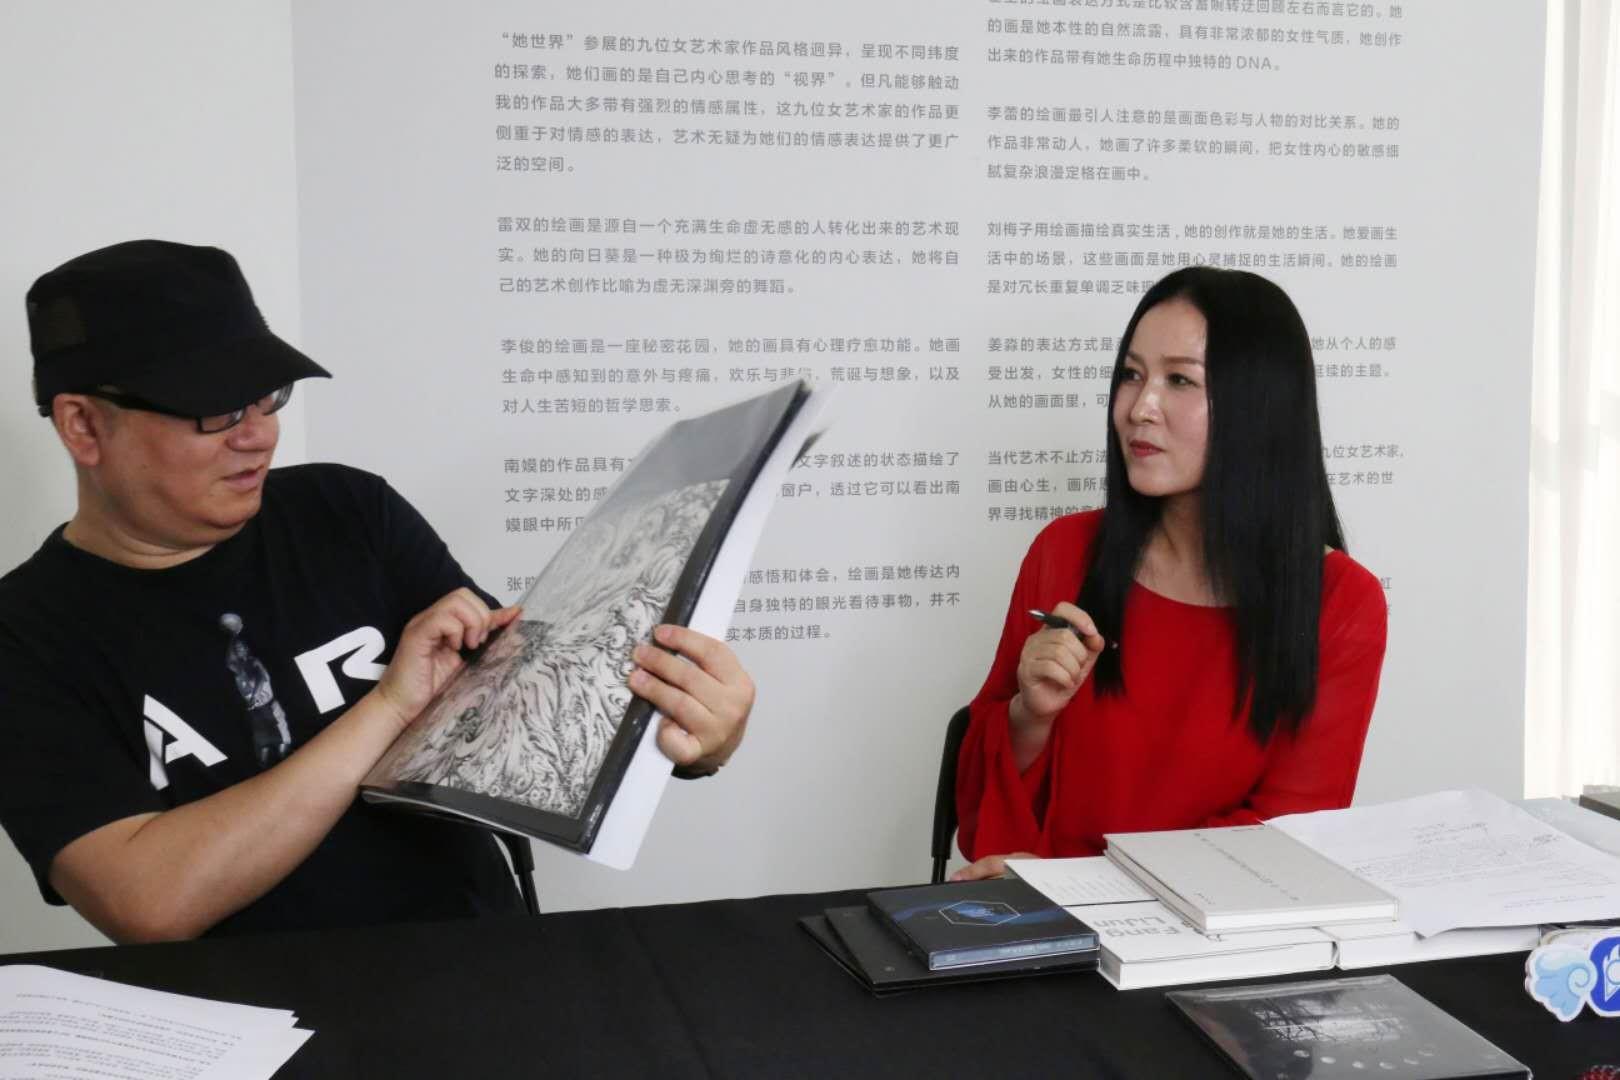 """""""艺术网红季"""":艺术文化创造直播新范式"""